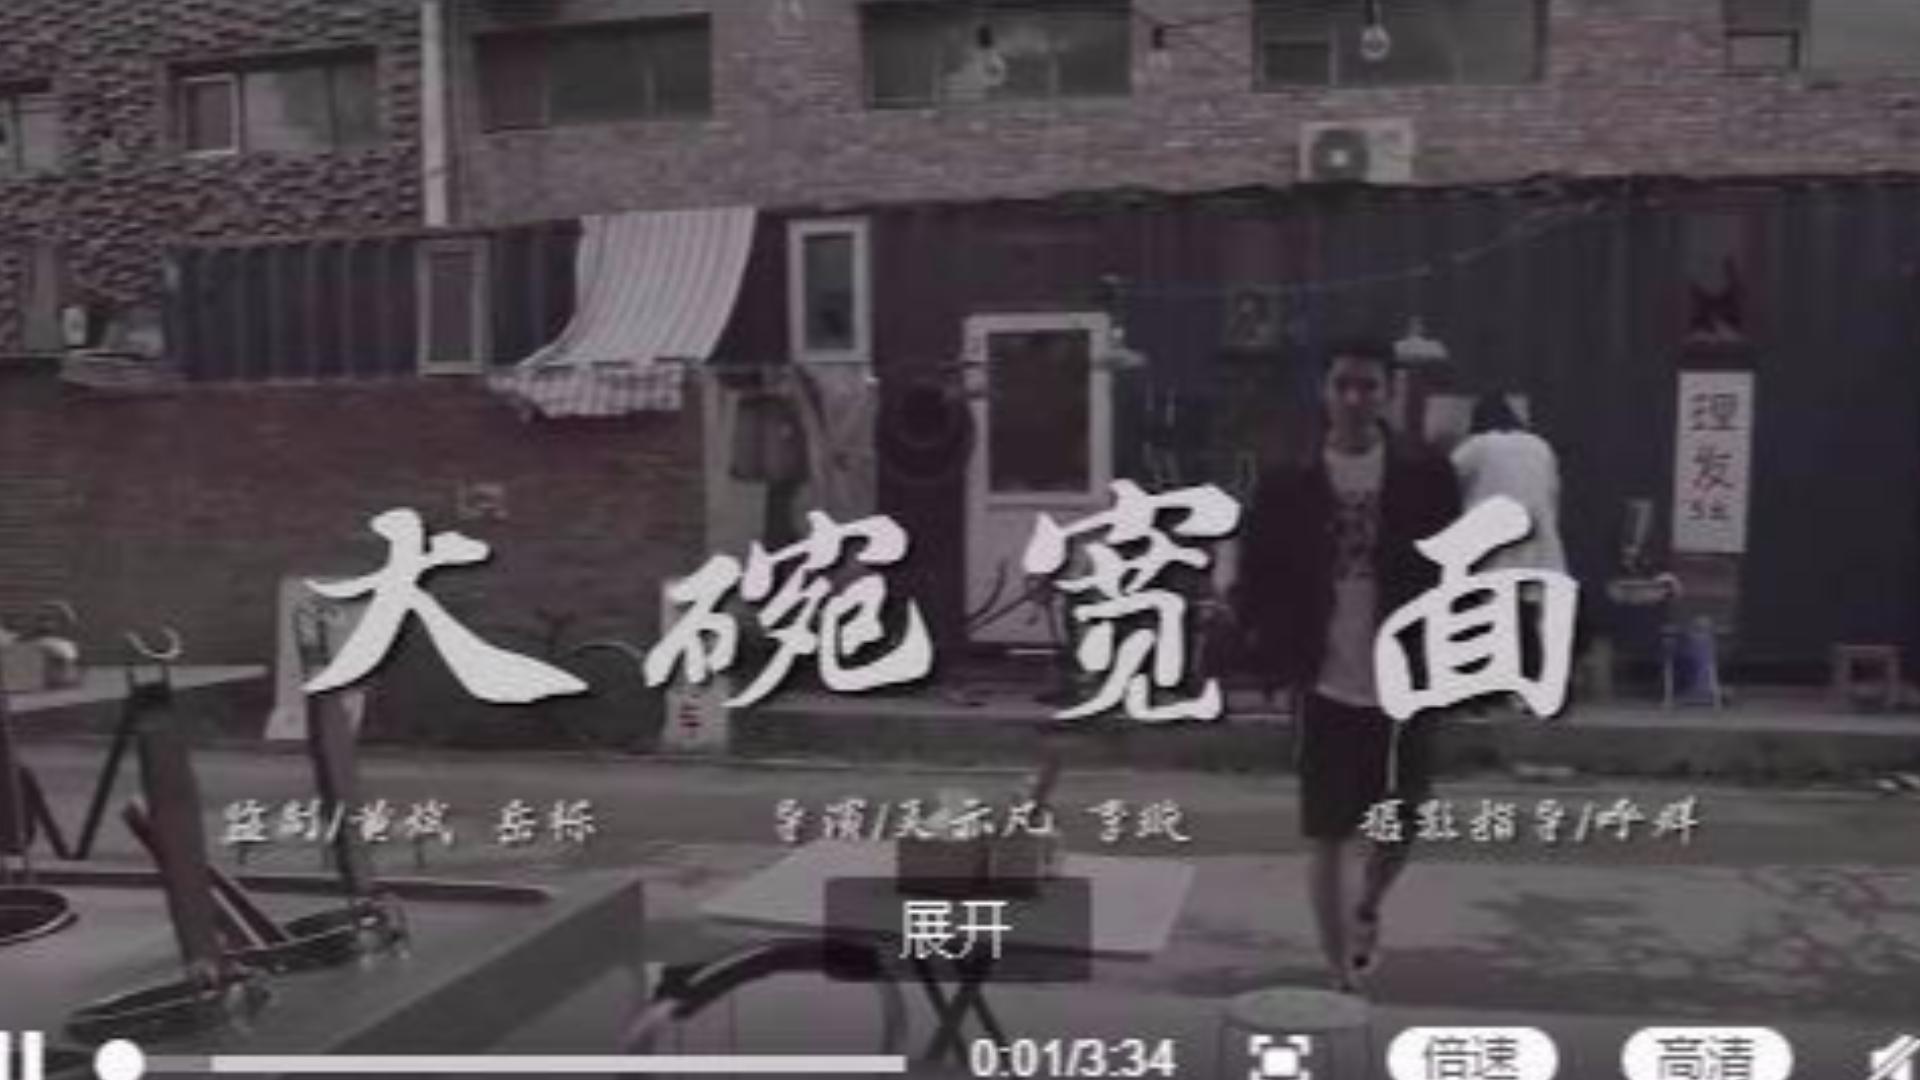 吴亦凡《大碗宽面》全明星混剪版视频曝光